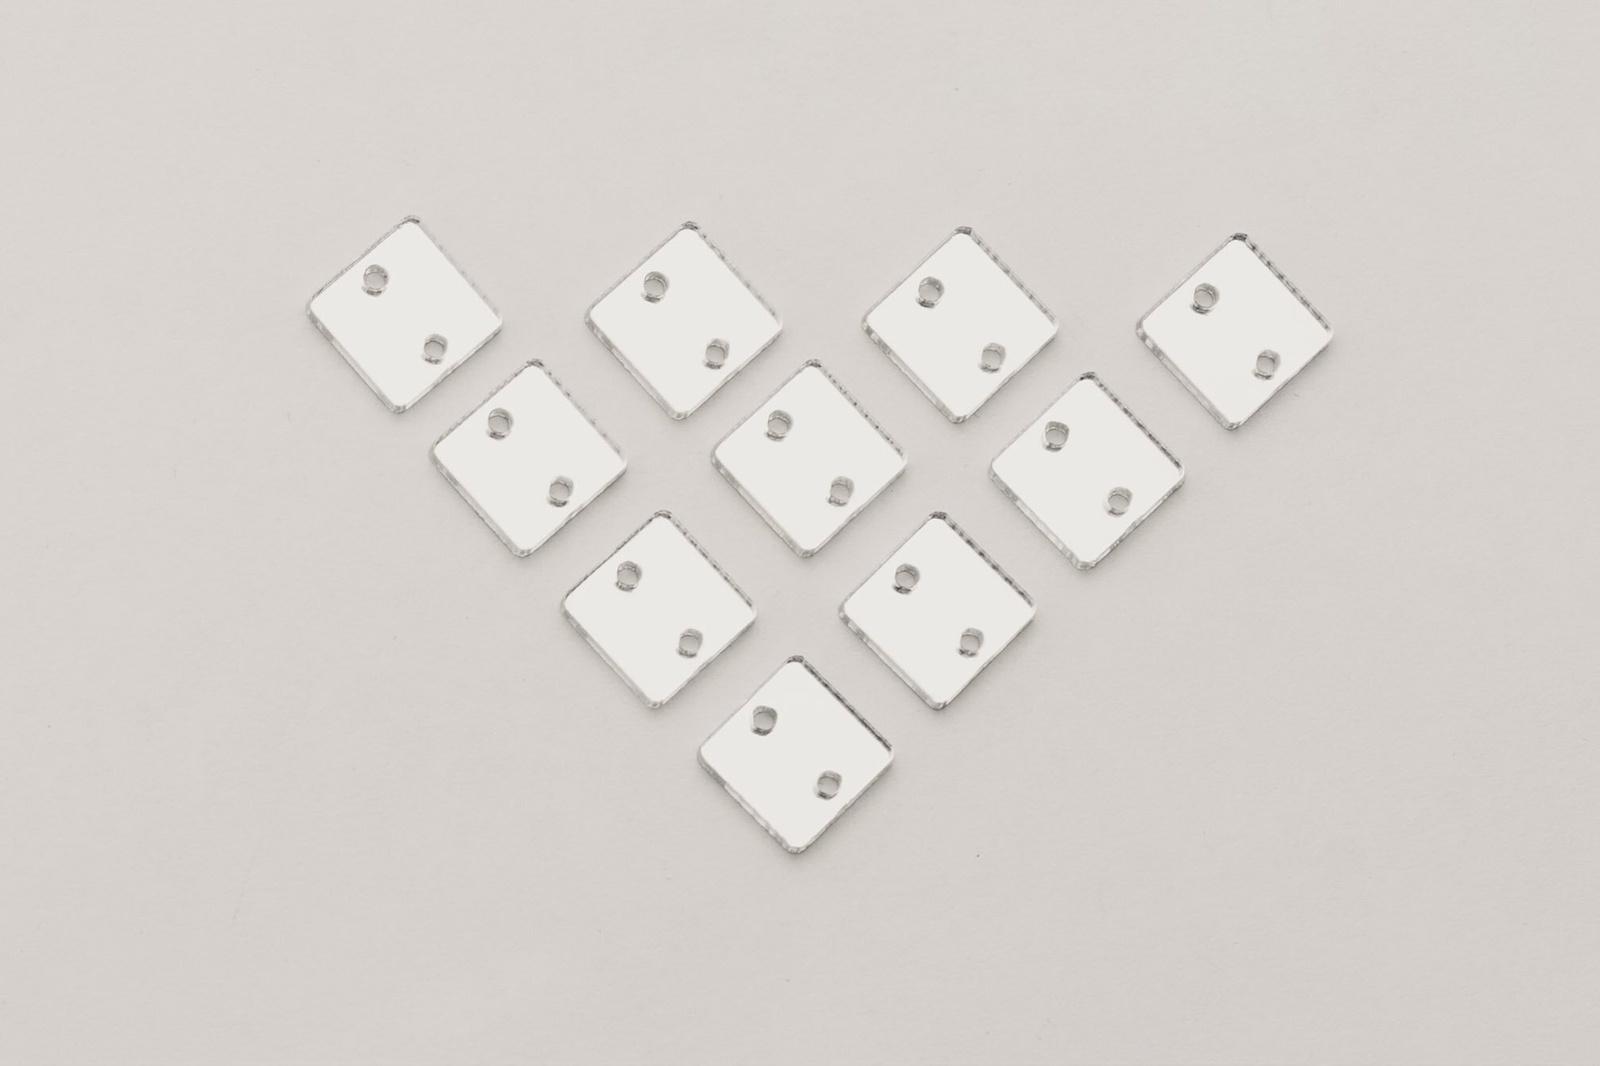 CASP Lase КВ10 Комплект акриловых пришивных зеркал/страз Квадрат